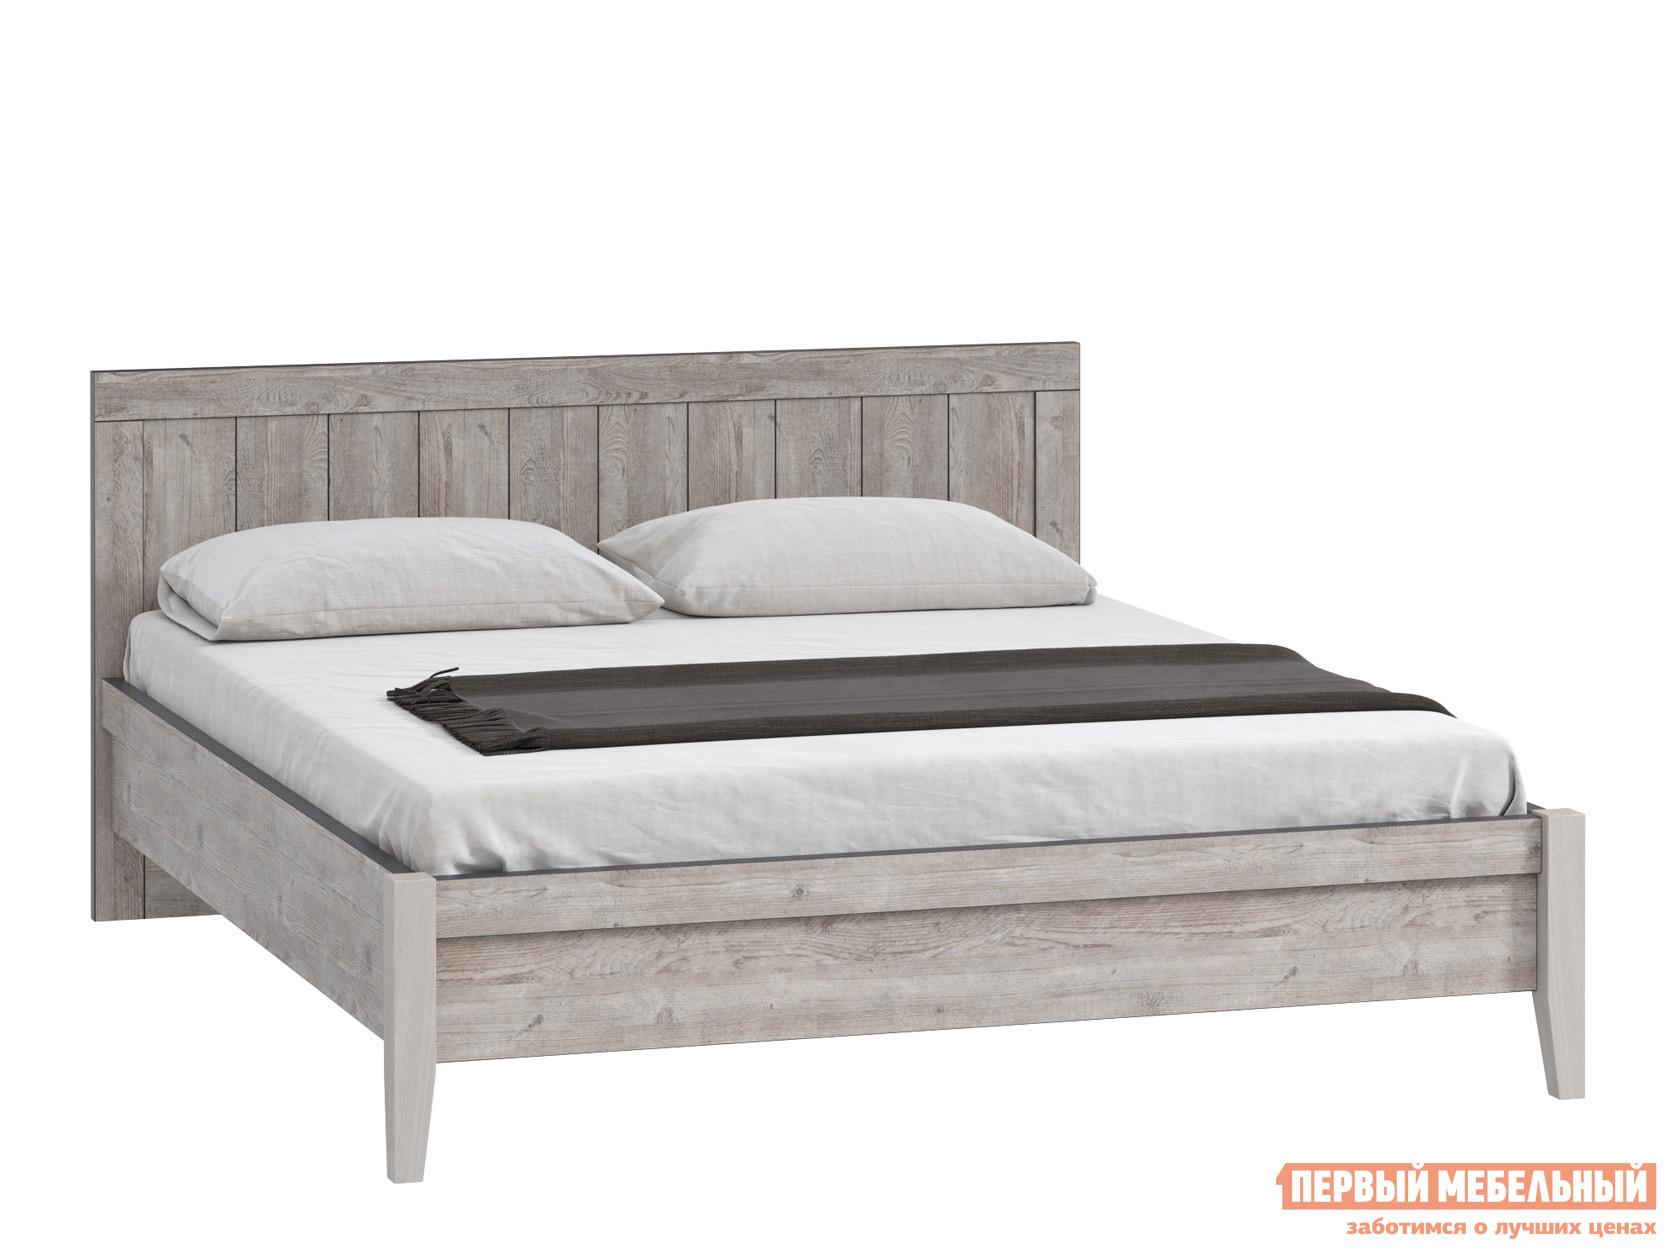 Полутороспальная кровать WOODCRAFT Эссен Кровать №2 шкаф распашной woodcraft эссен шкаф 1 дверь